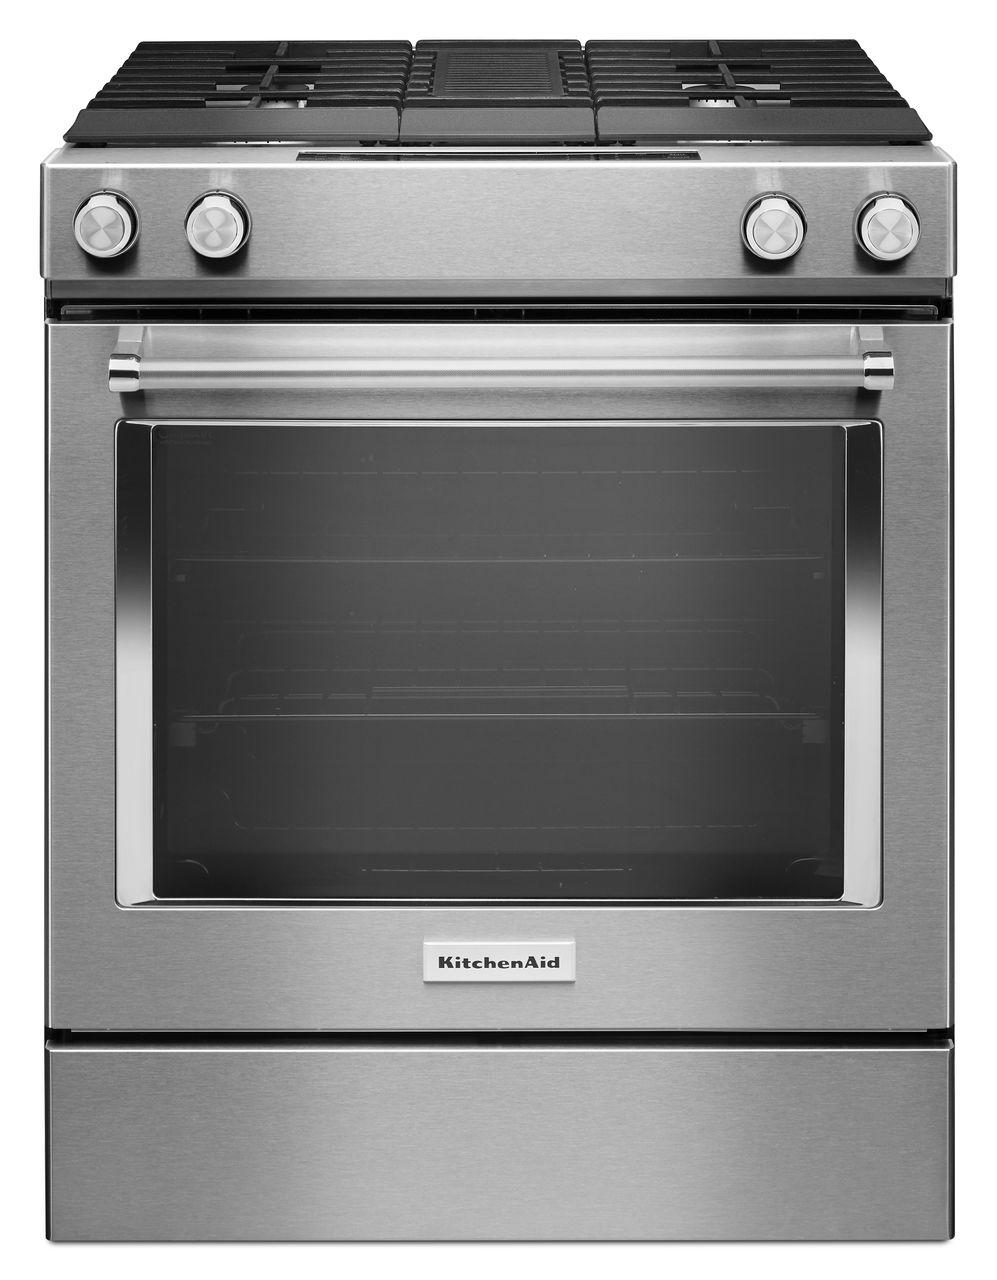 KitchenAid Range/Stove/Oven Model KSDG950ESS0 Parts